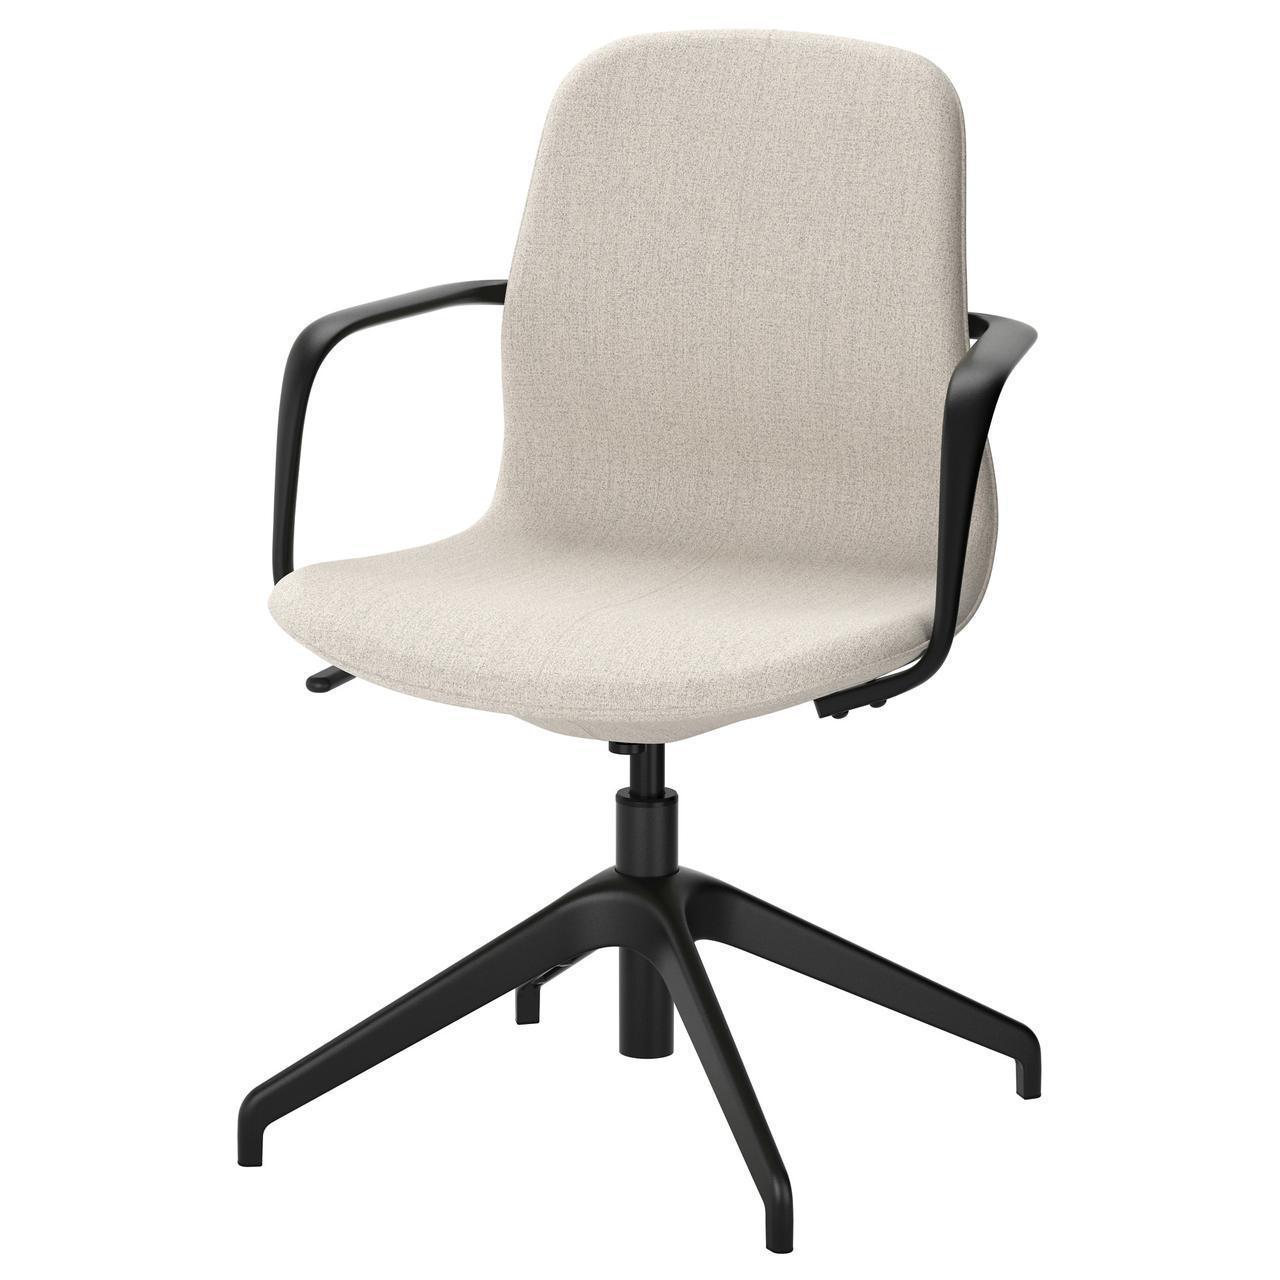 Комп'ютерне крісло IKEA LÅNGFJÄLL Gunnared бежеве чорне 691.759.69